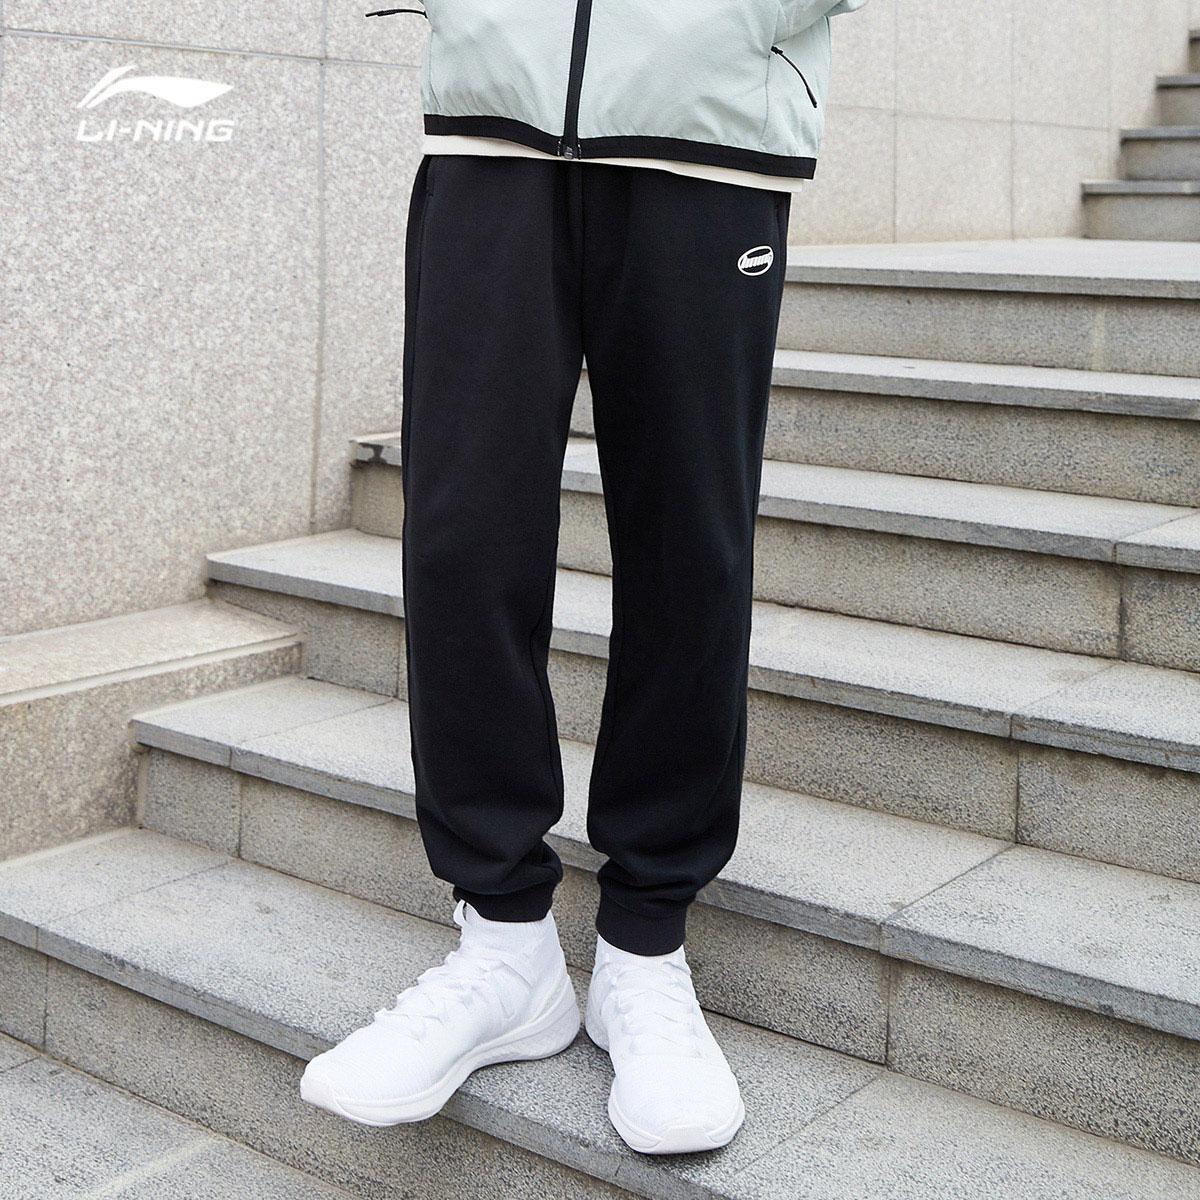 双11预售:LI-NING 李宁 ARDL003 男士收口运动裤73元包邮(需定金)